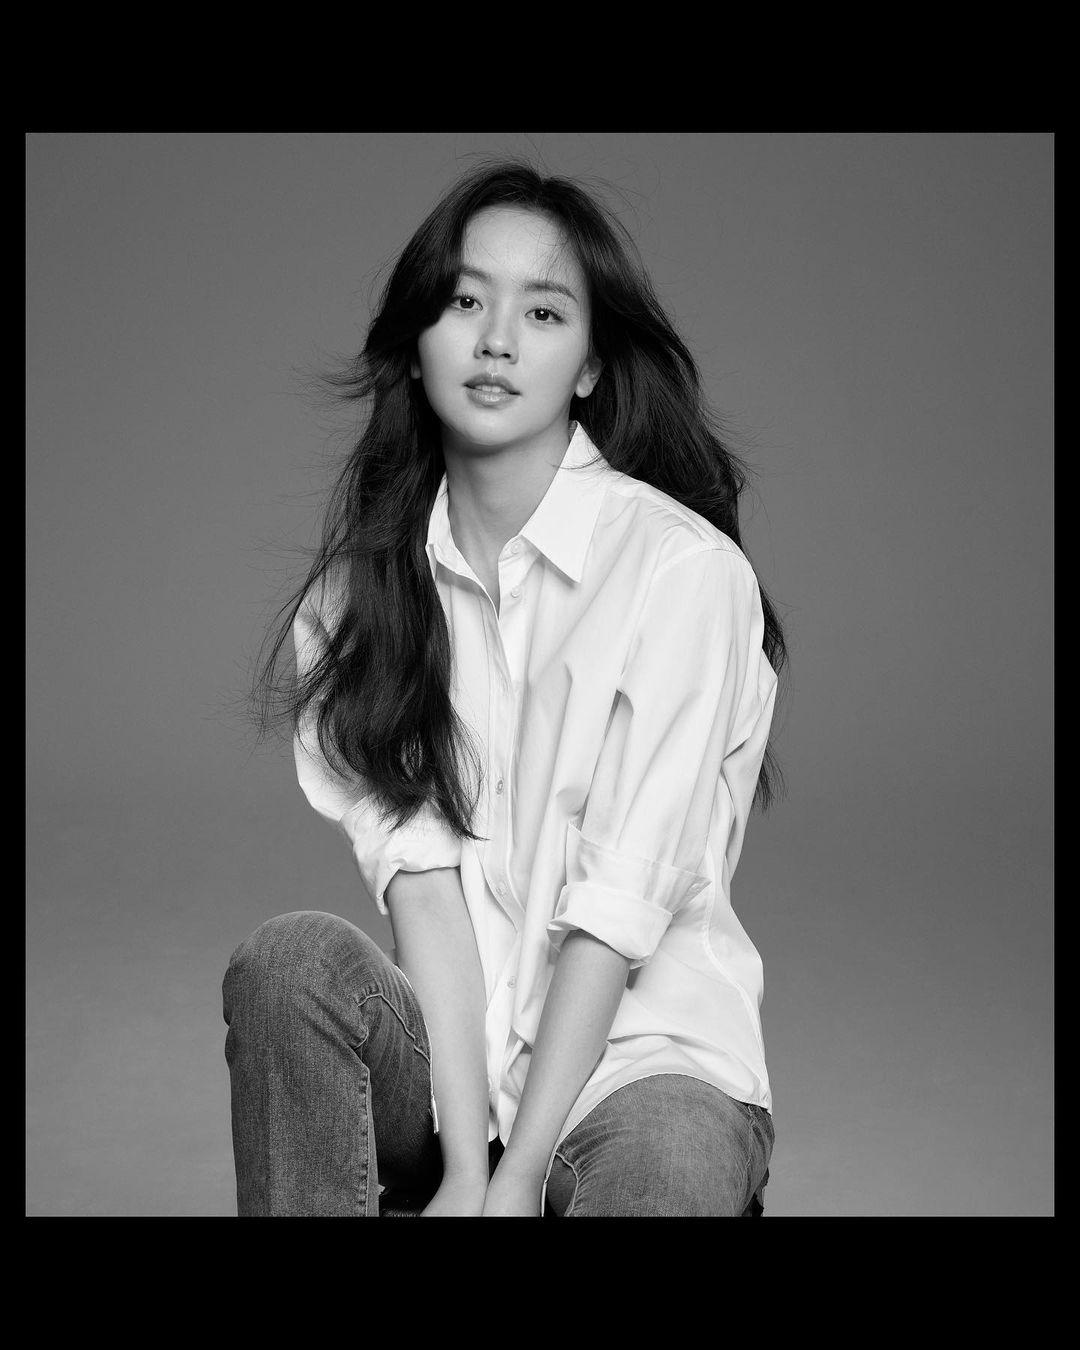 Daftar 5 Drama Kim So-hyun Yang Wajib Ditonton